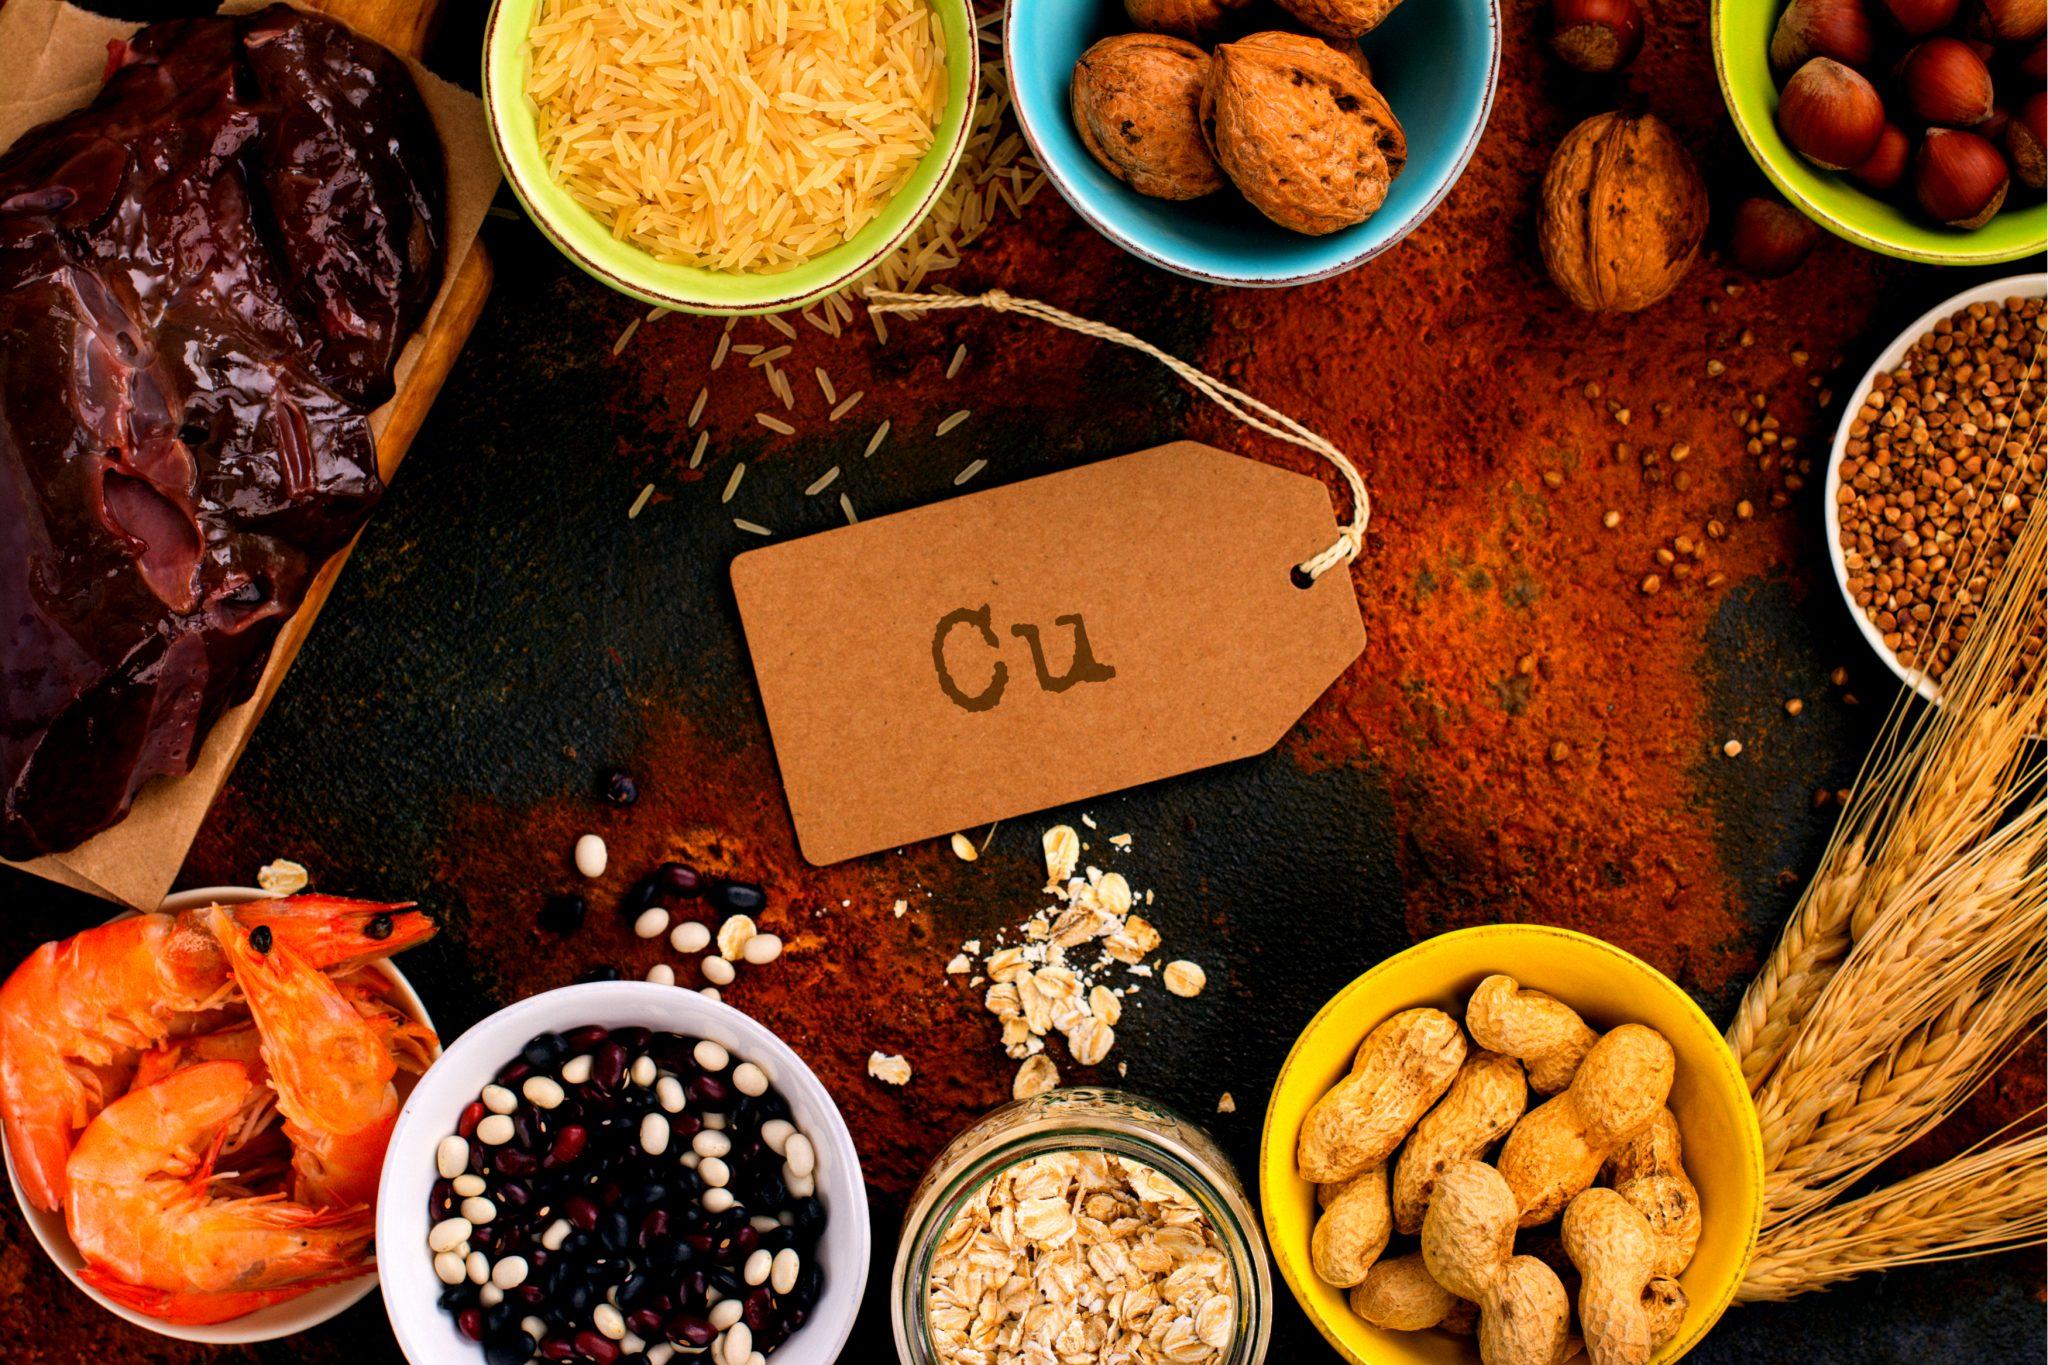 銅を含む食品